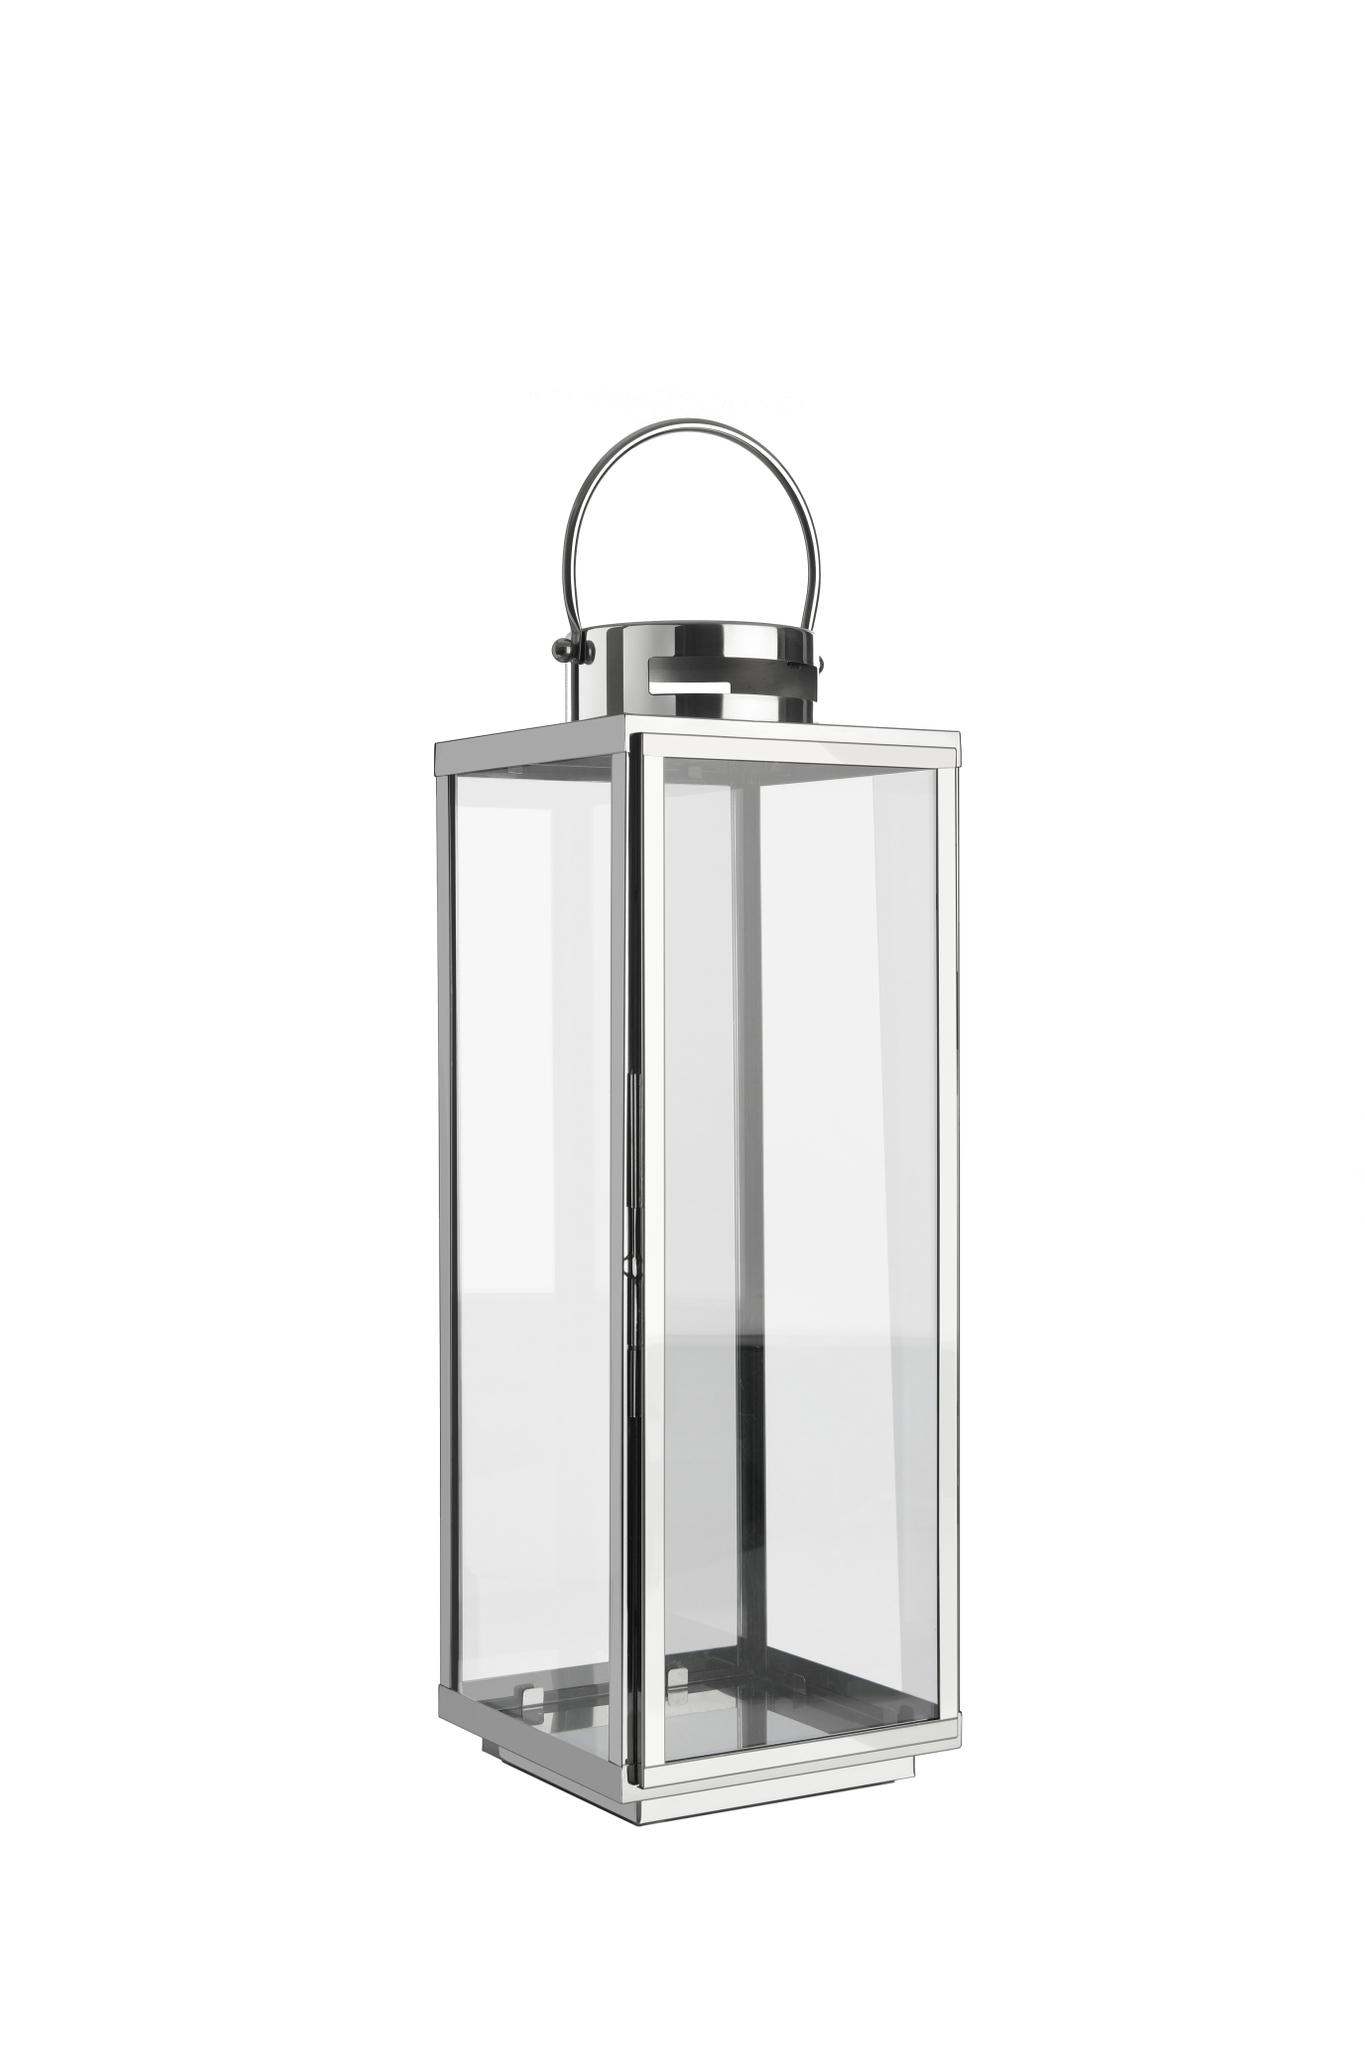 home + lanterna in acciaio inox - acciaio inossidabile, resistente alle  intemperie - in diverse dimensioni (piatto), Metallo